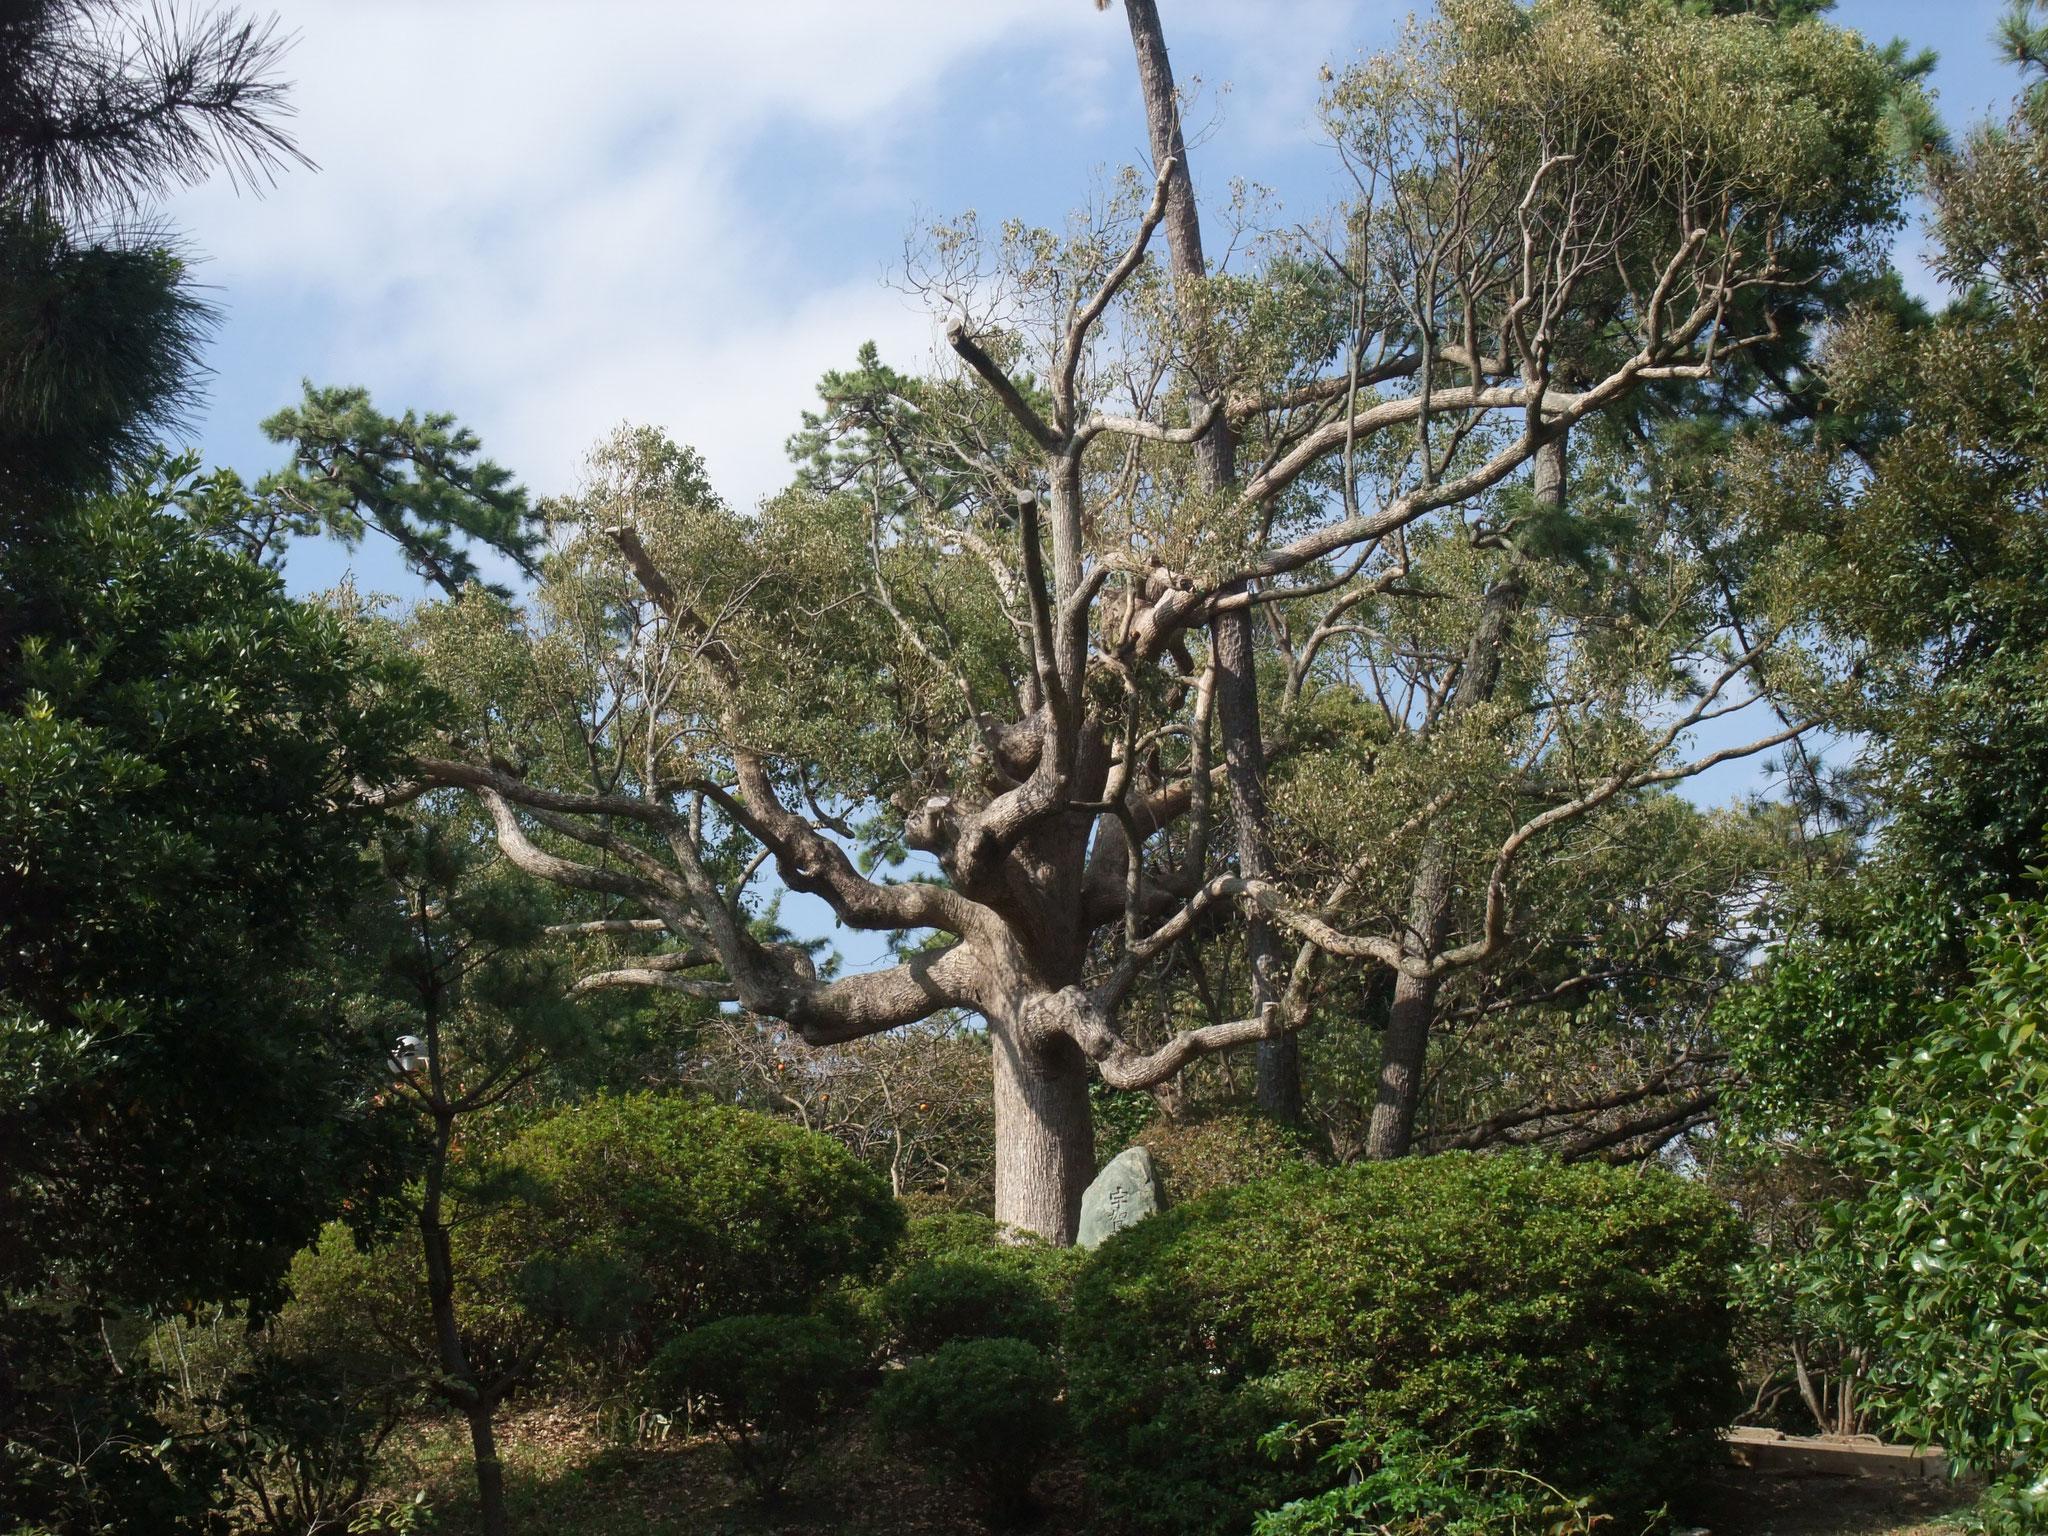 旧陸奥宗光邸に向かう庭園にある千手観音のごとき枝振りの大楠木は大迫力